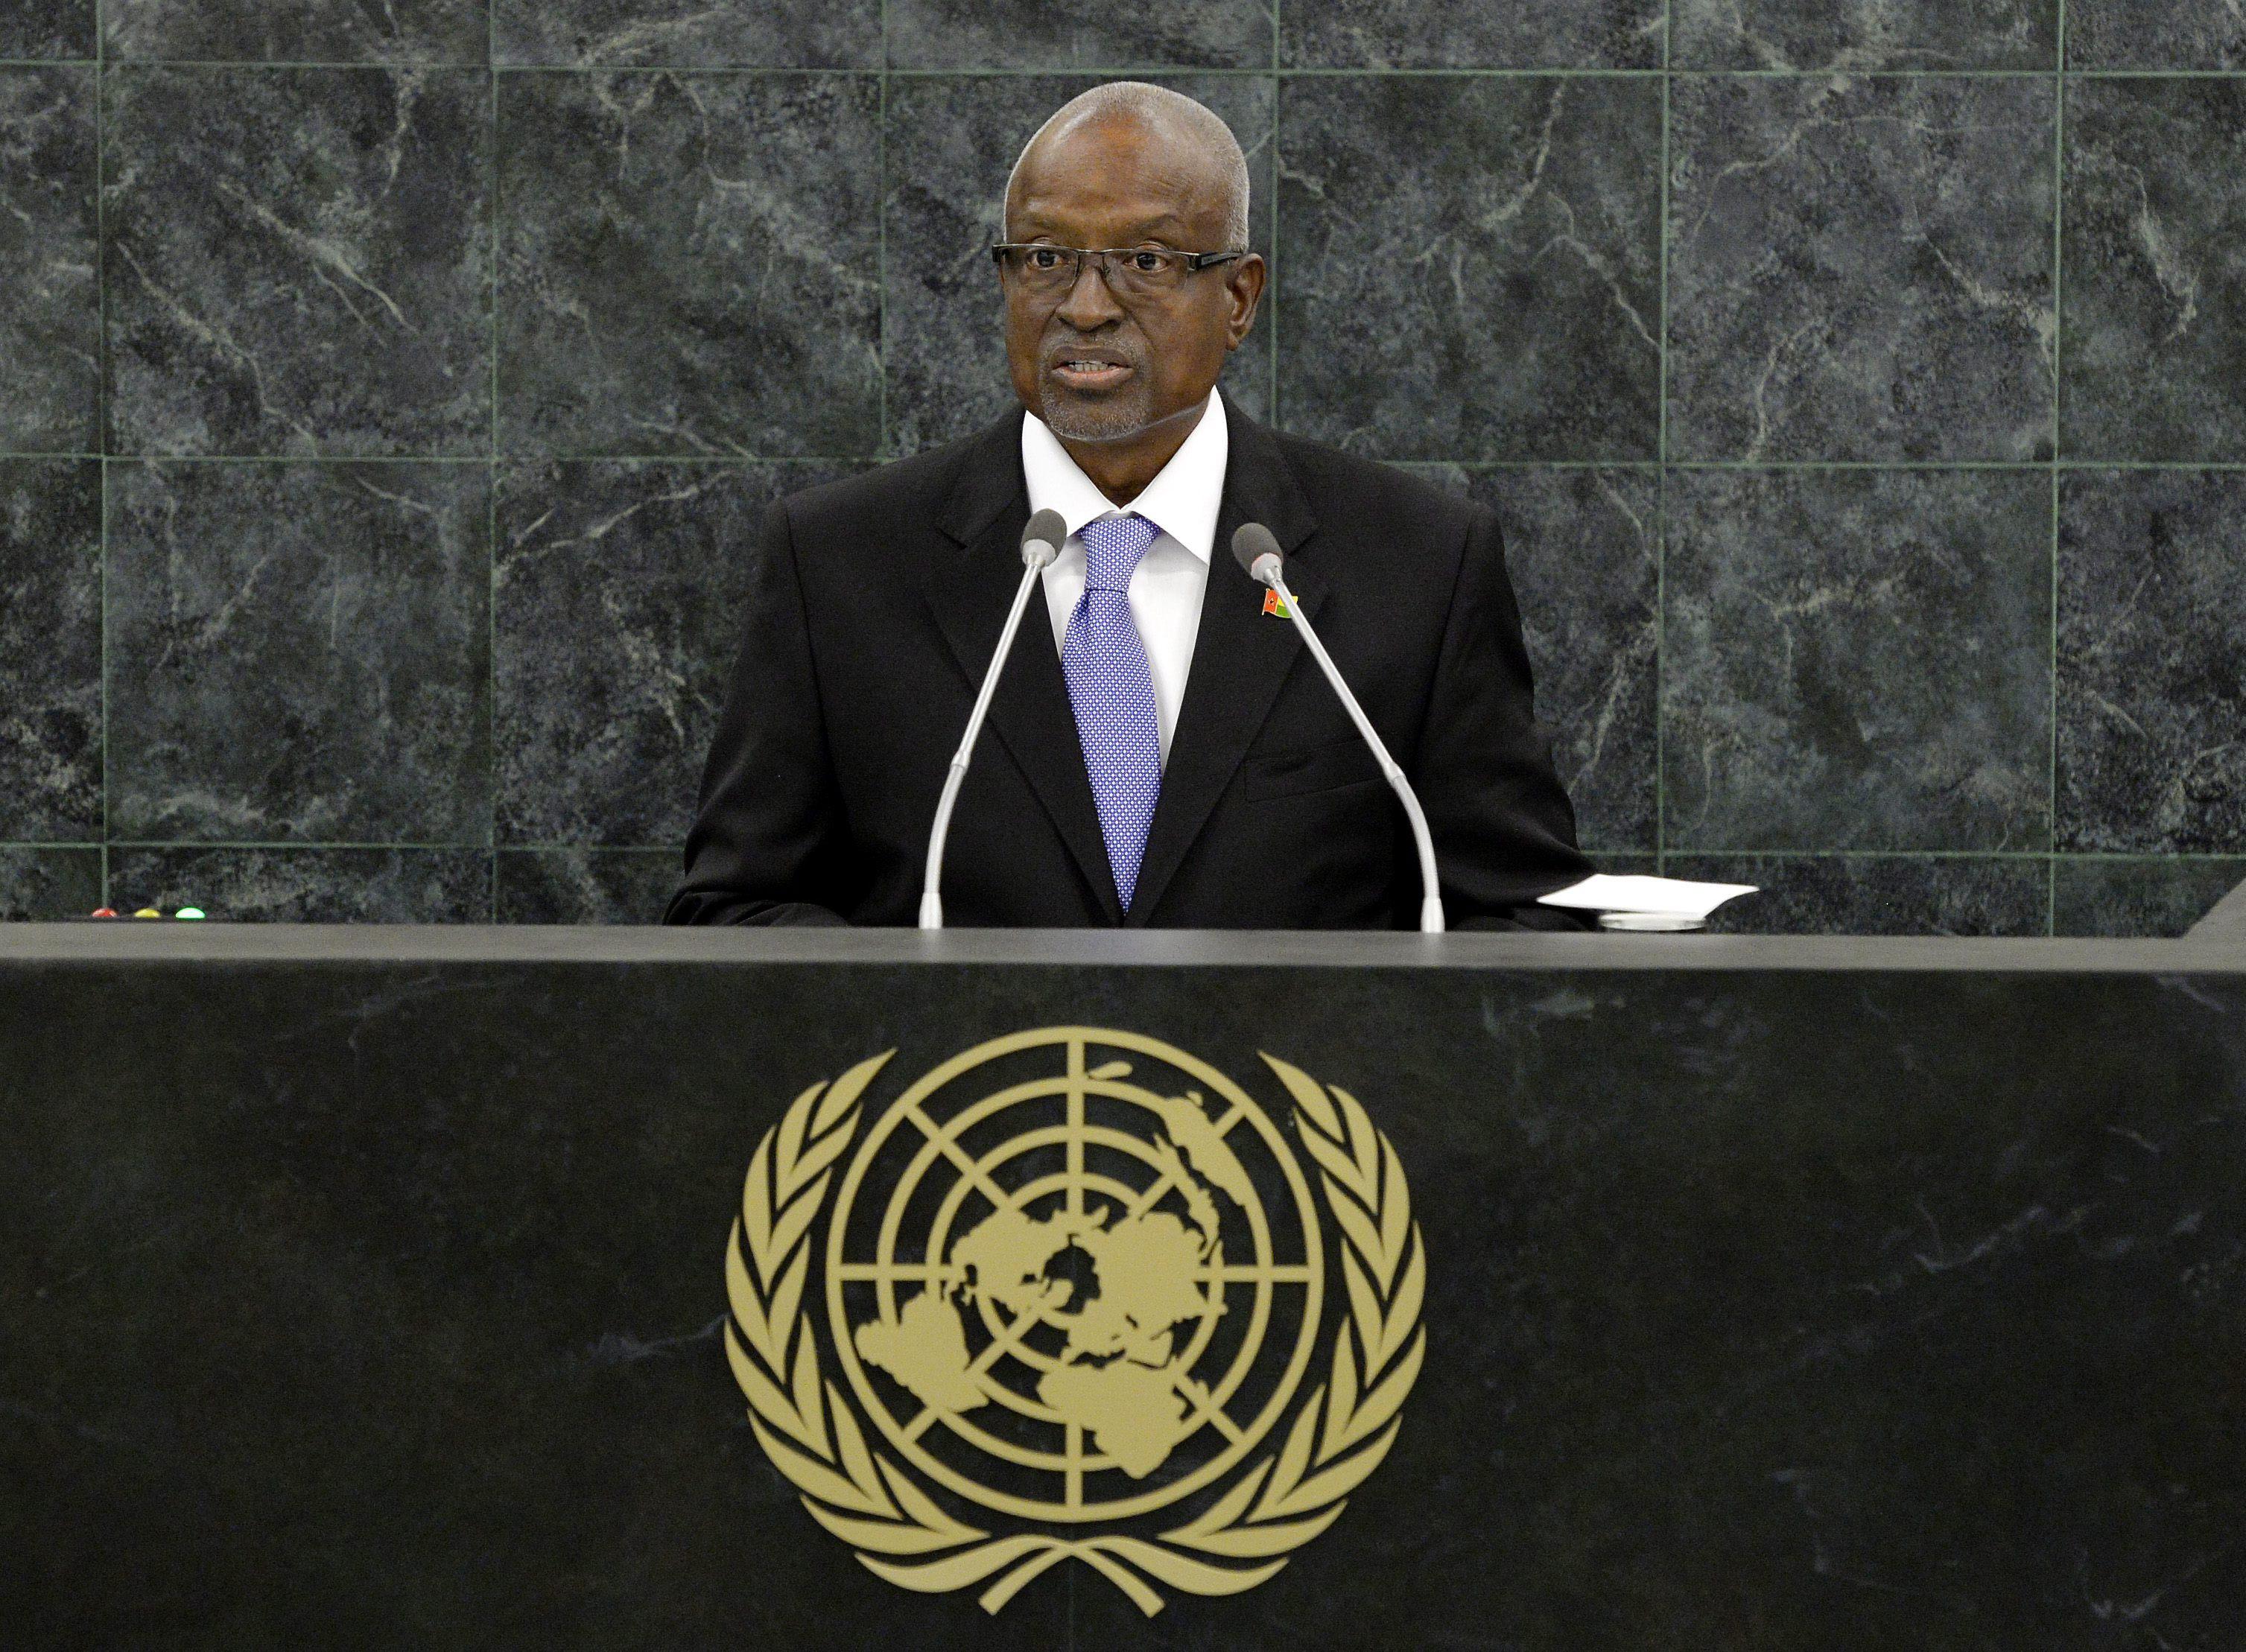 Guinea Bissau retrasa las elecciones hasta 2014 debido a la falta de fondos